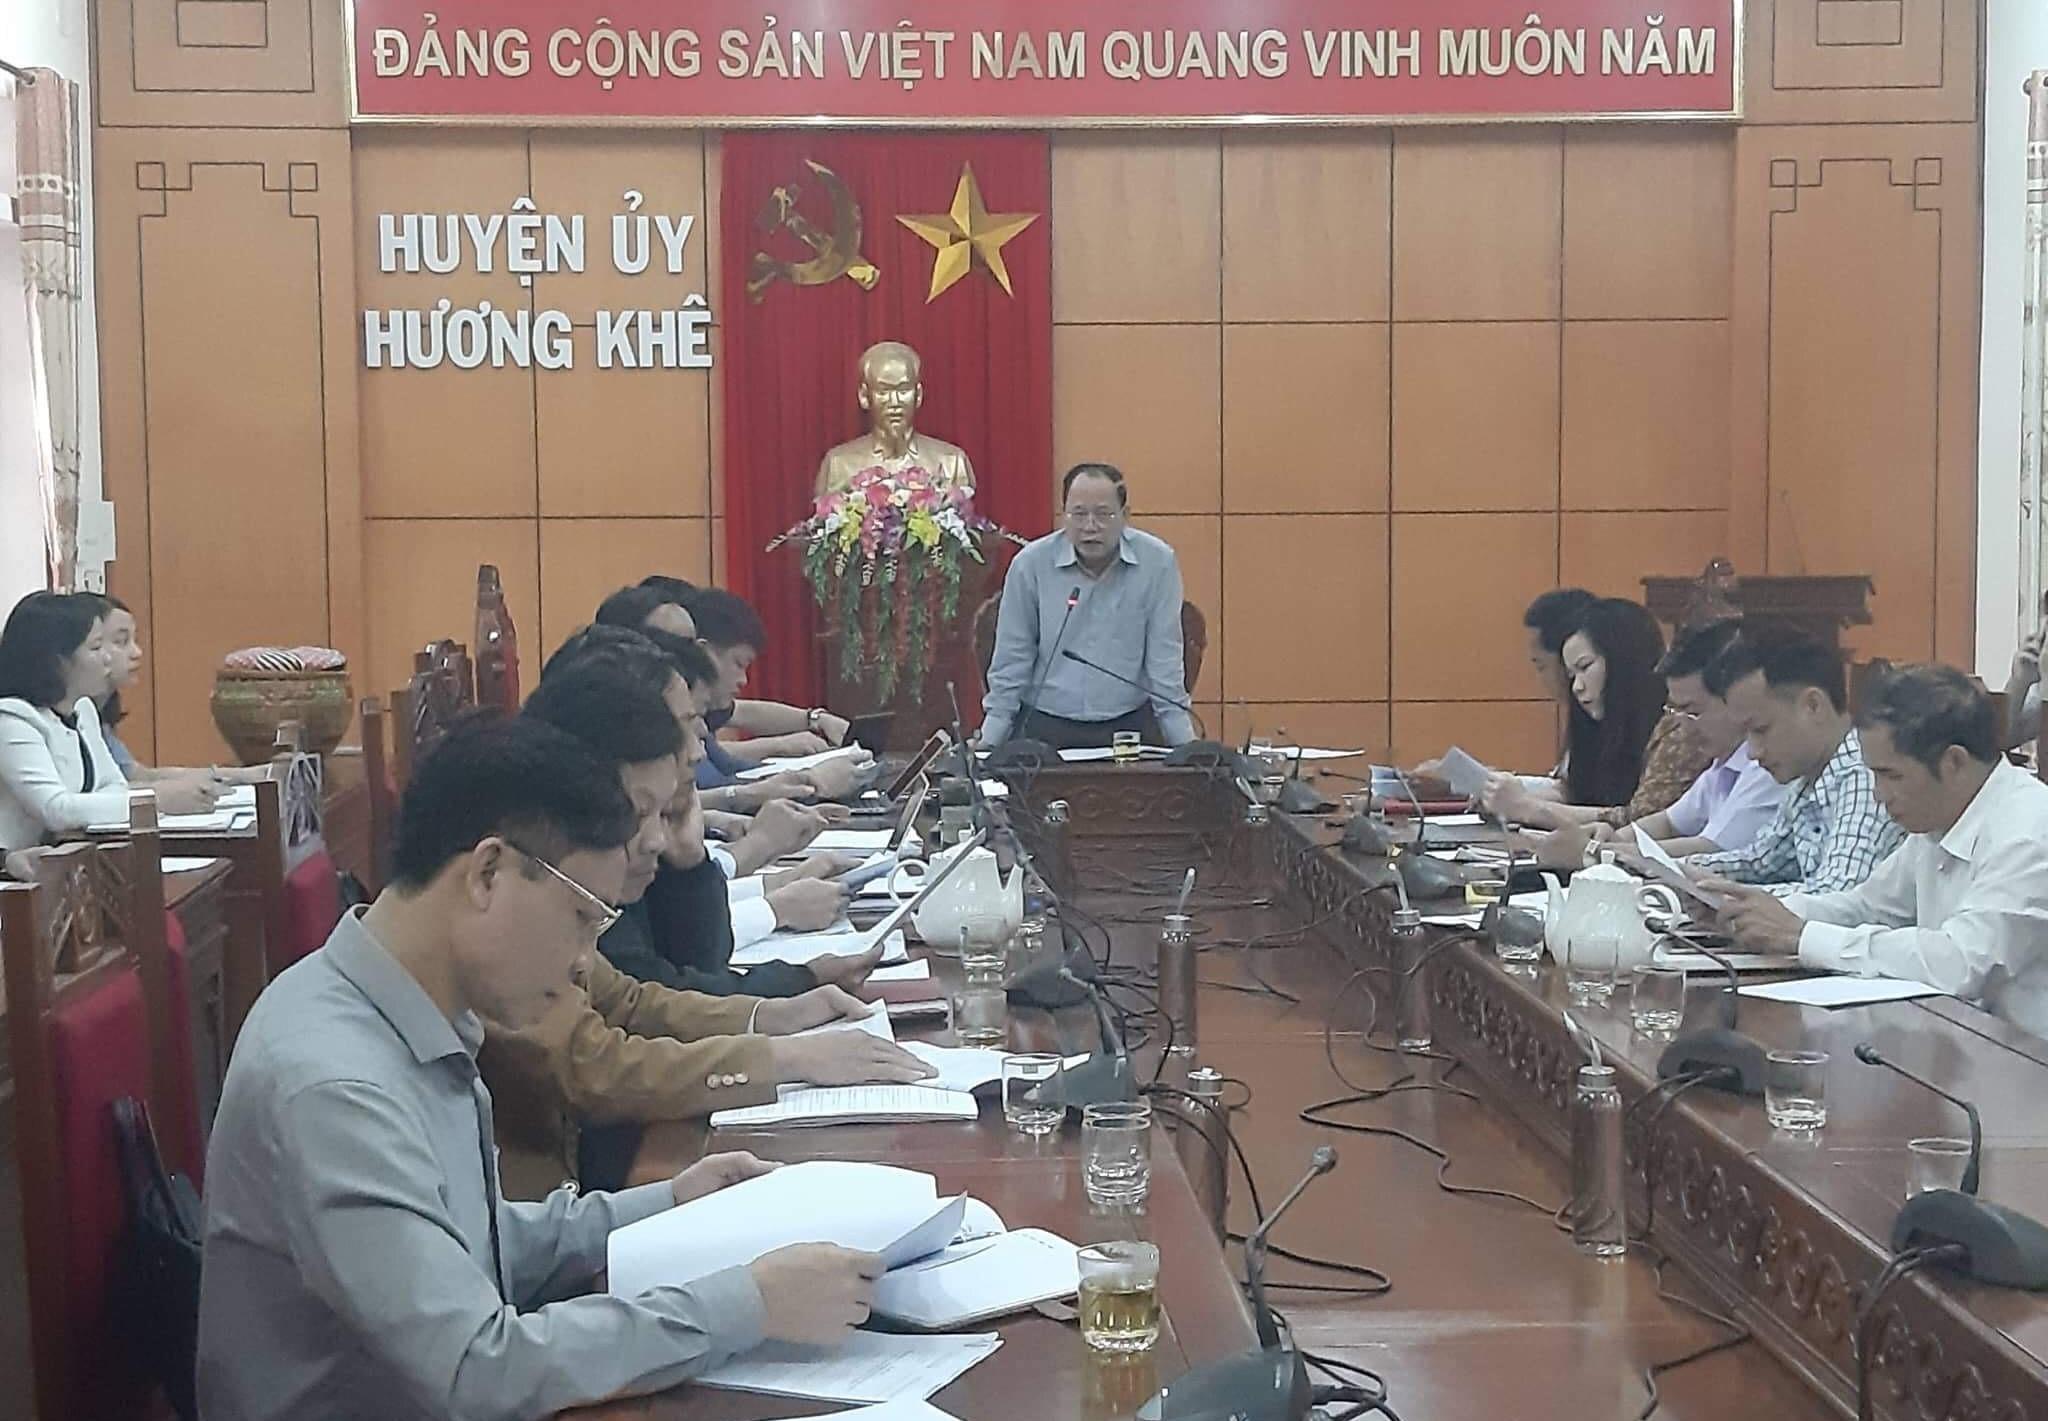 Hương khê đẩy mạnh công tác tuyên truyền kỷ niệm 90 năm ngày thành lập Đảng Cộng sản Việt nam